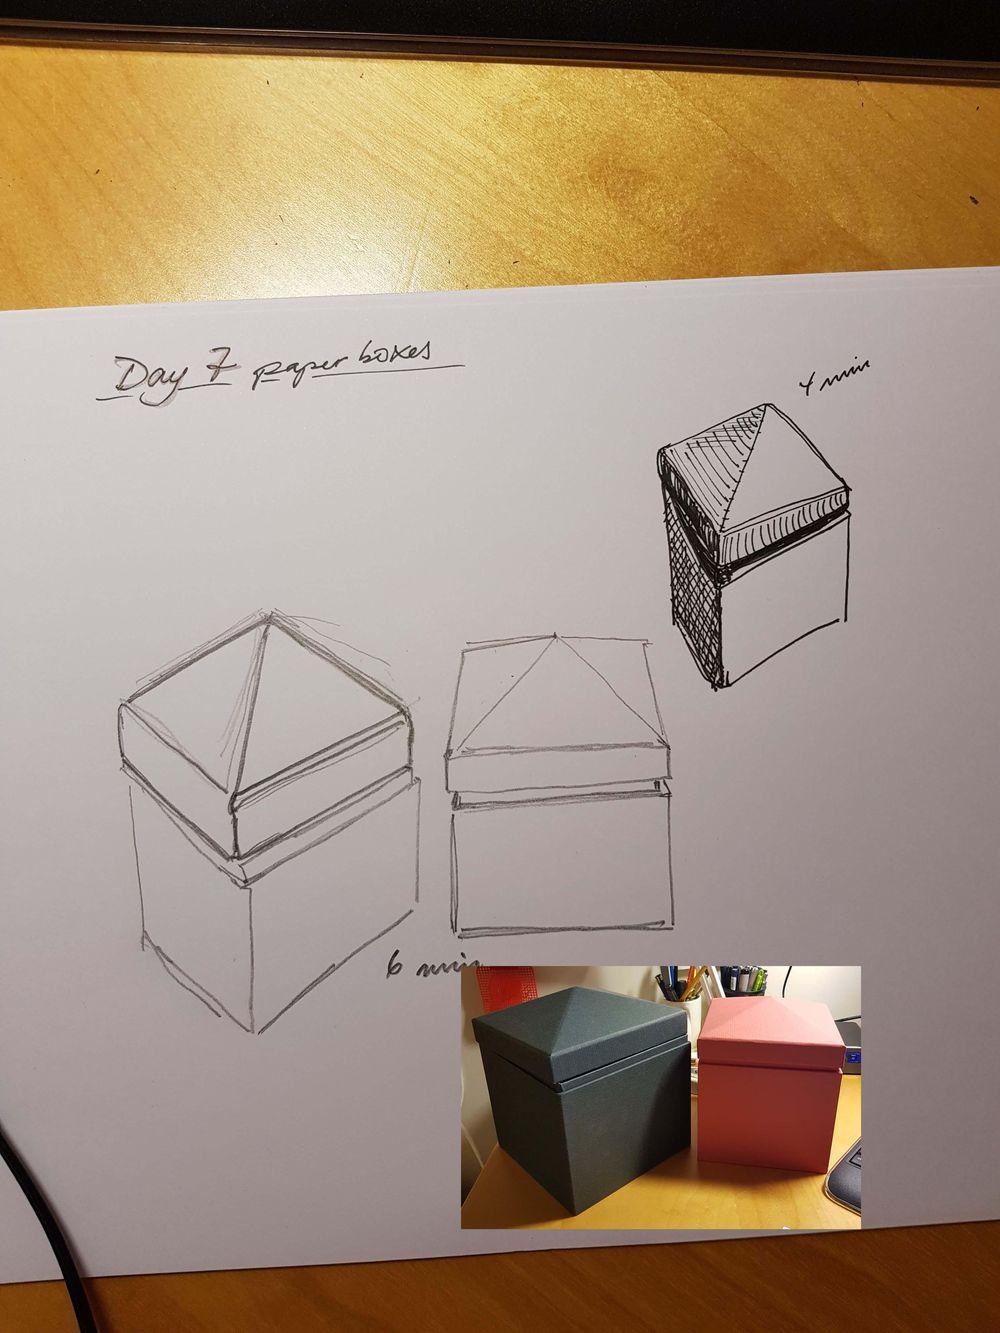 Daglig 6 min 14 dager tegnetrening - image 18 - student project